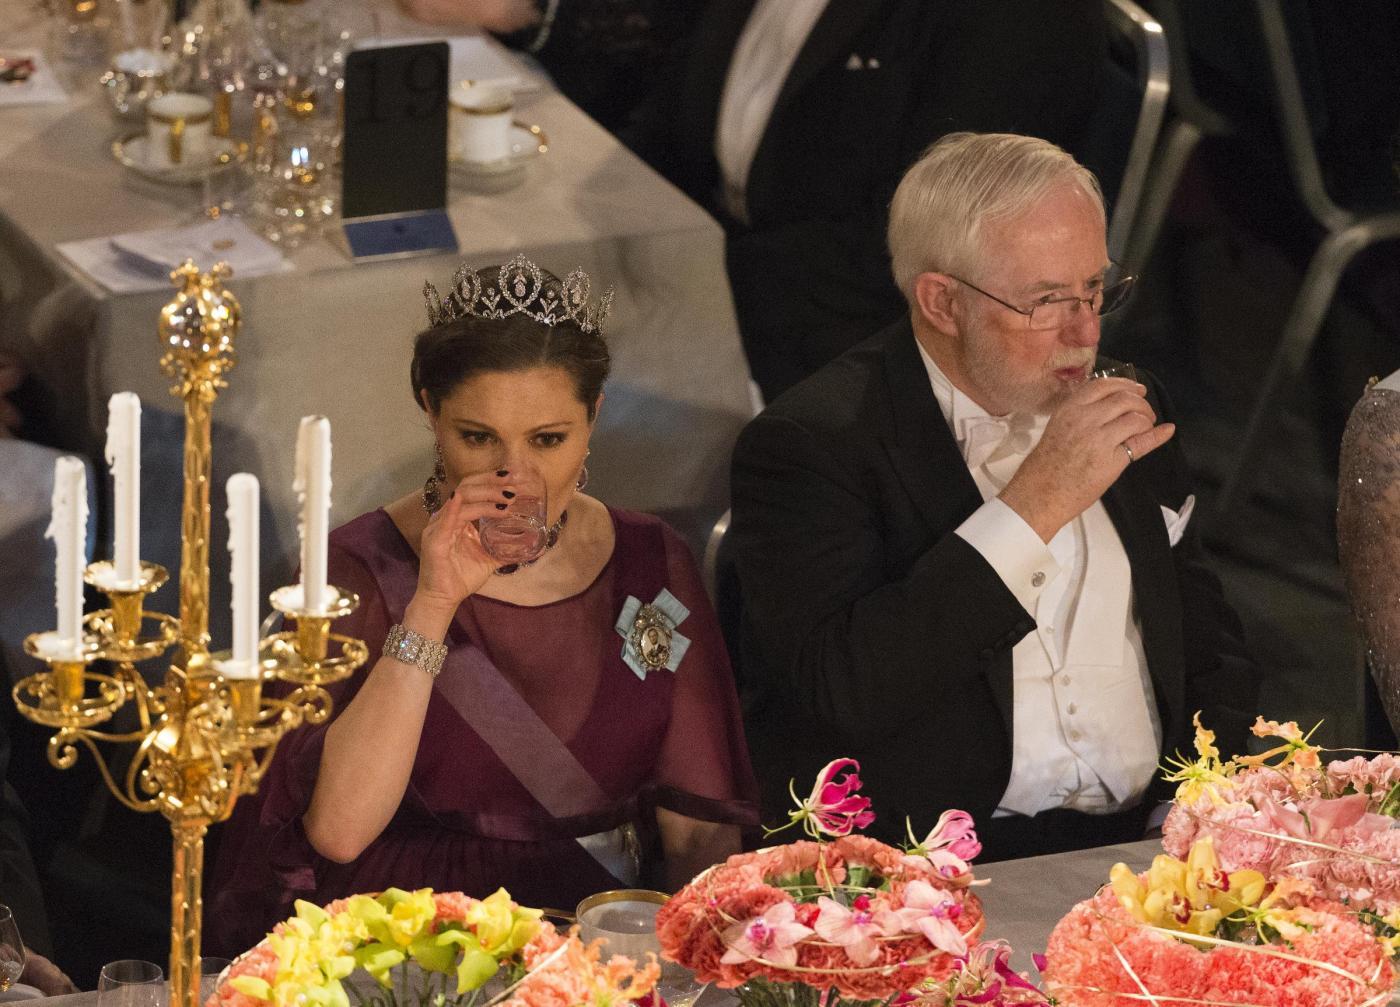 Nobel, principessa di Svezia incinta con abito a vita alta4